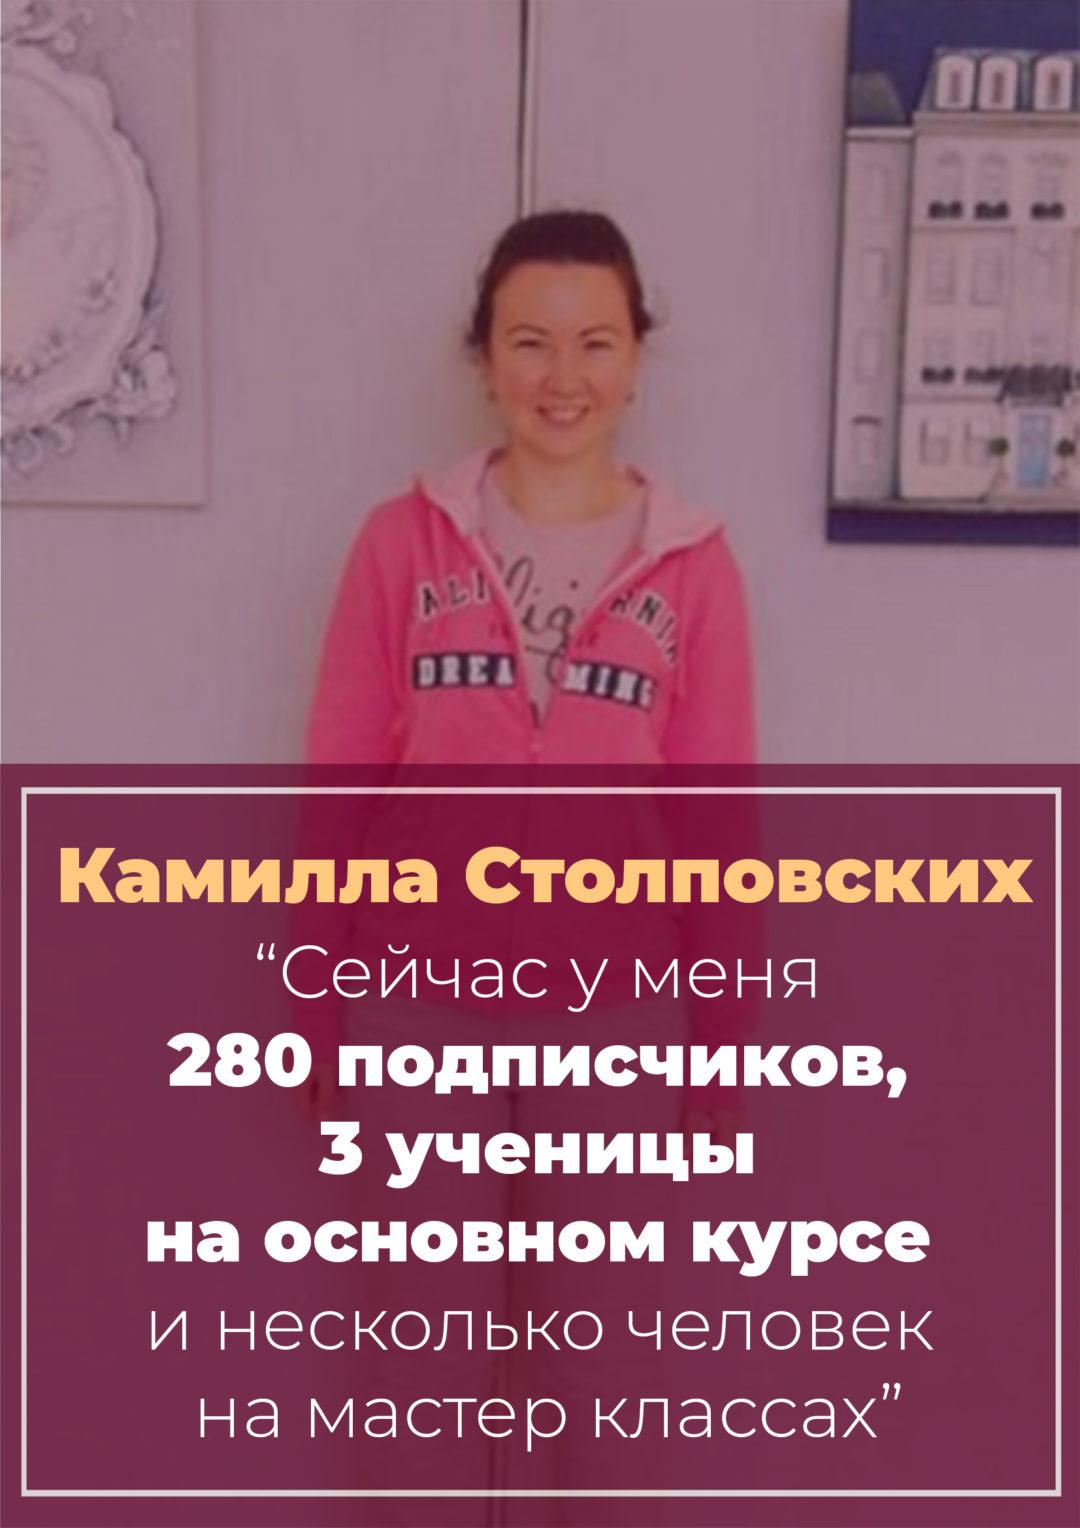 История Камиллы Столповских